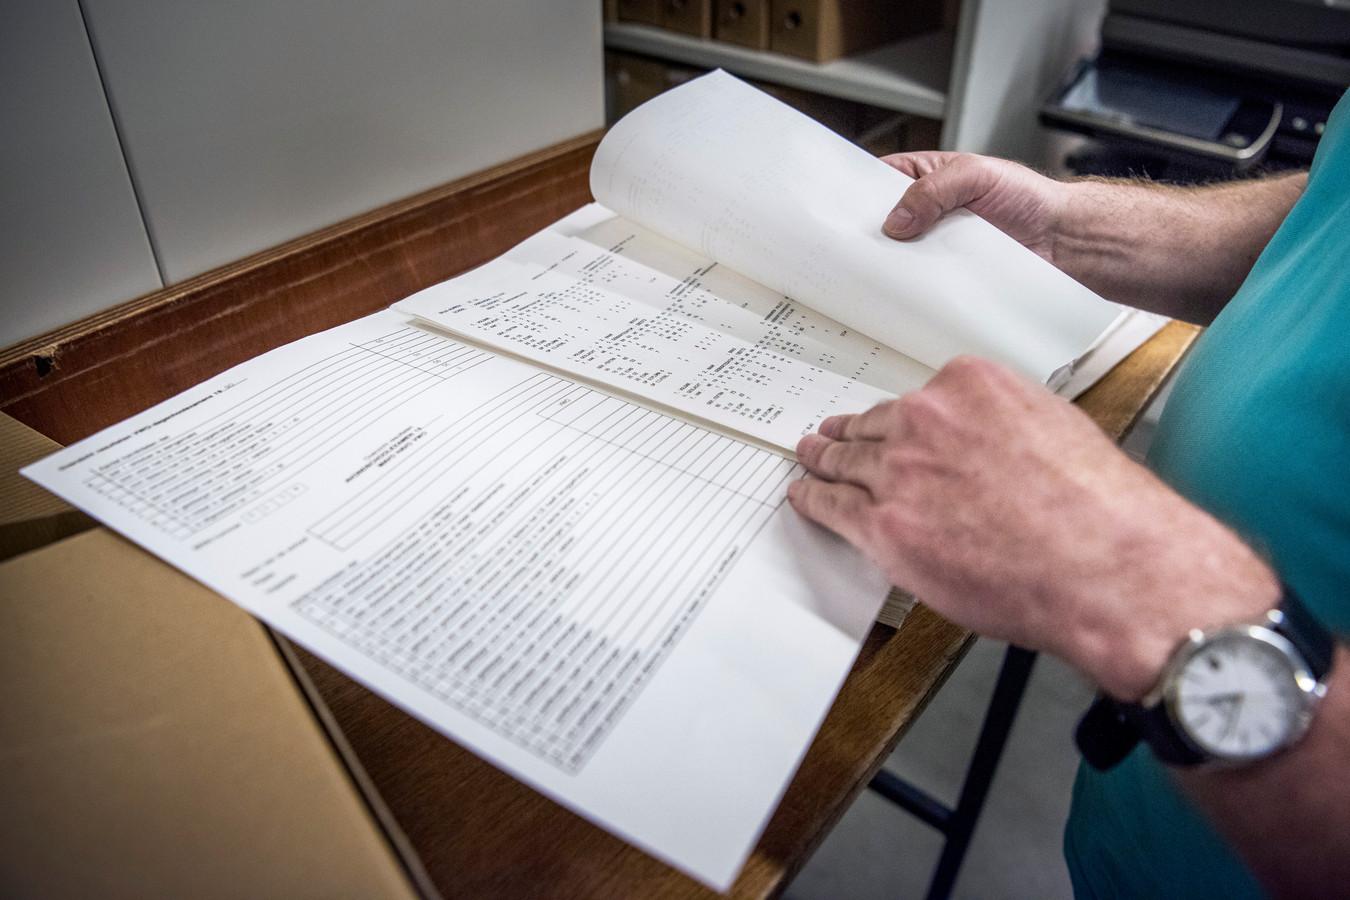 De cijferlijsten liggen per leerling, examenjaar en school in honderden dozen.